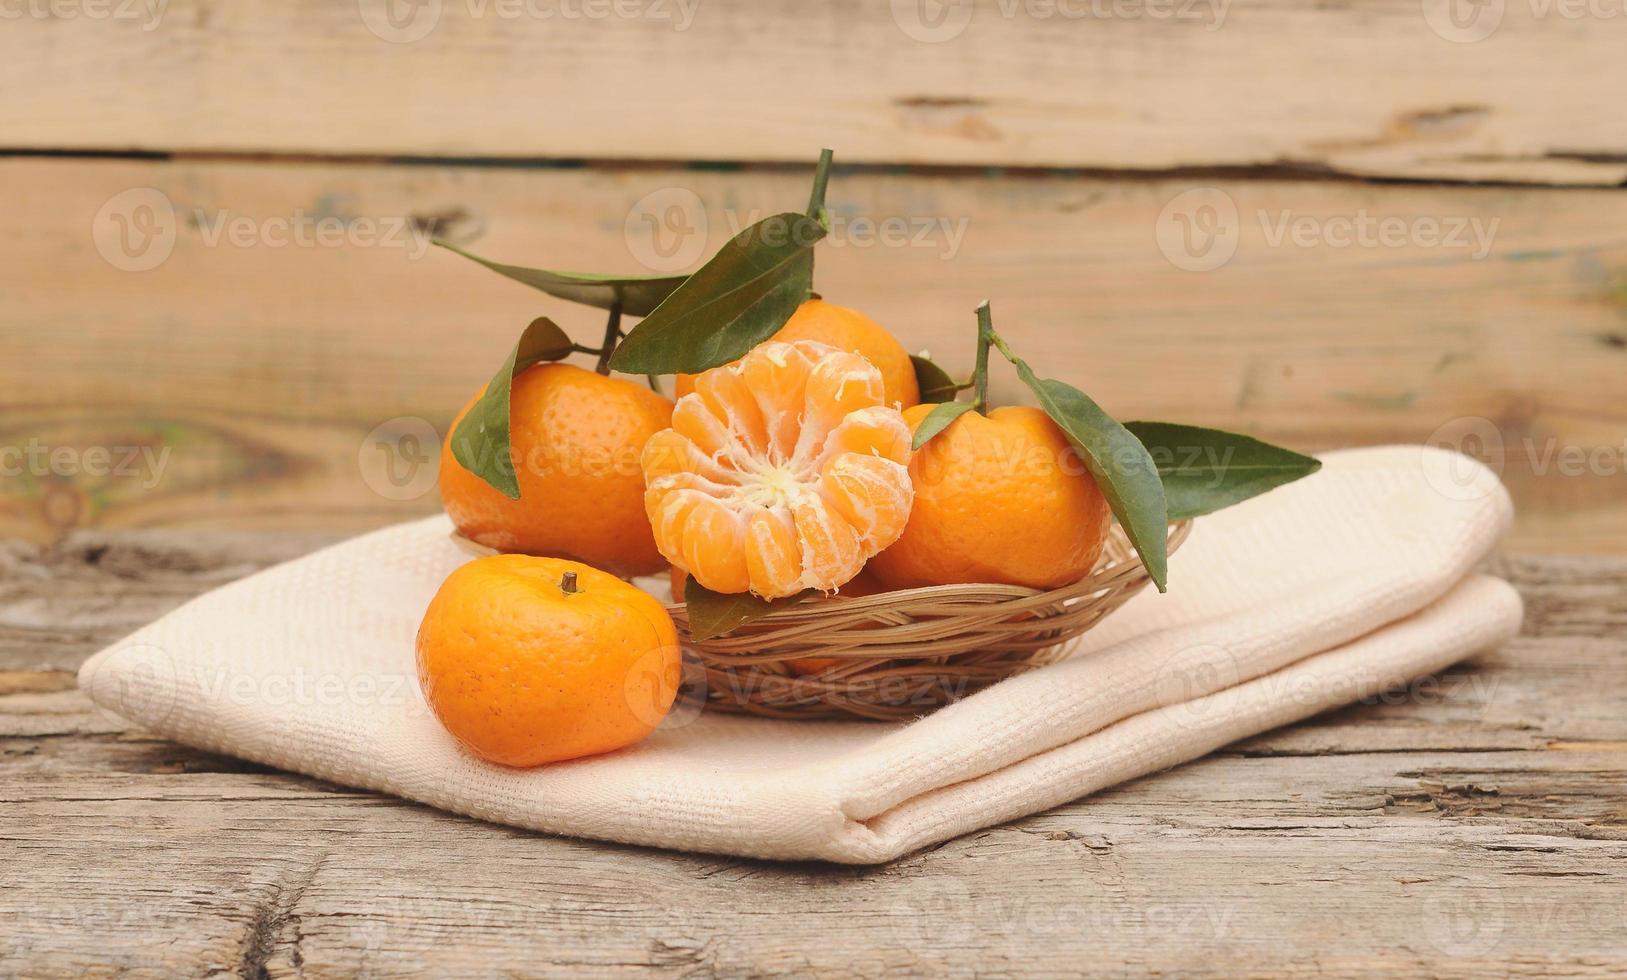 mandariner med blad i en vacker korg, på träbord foto